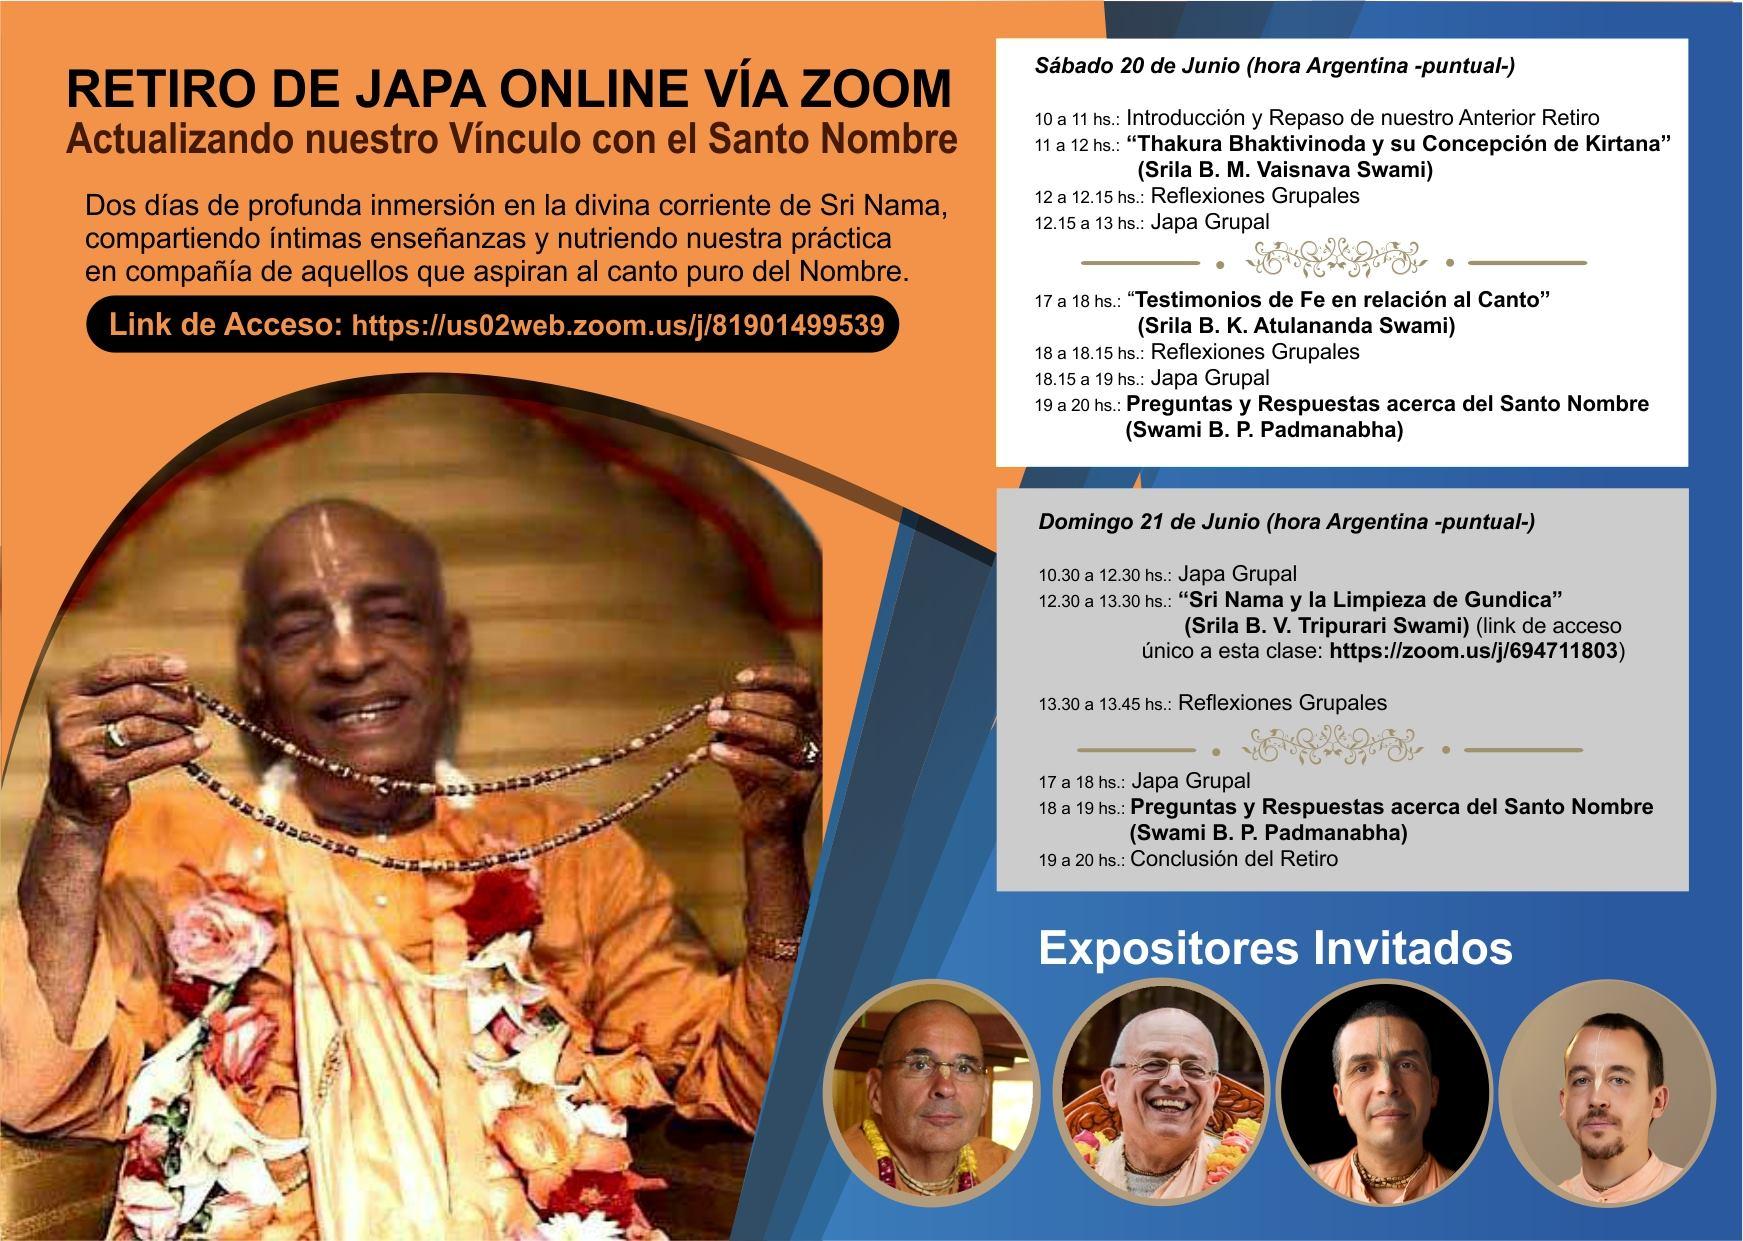 Retiro de Japa Online Vía Zoom